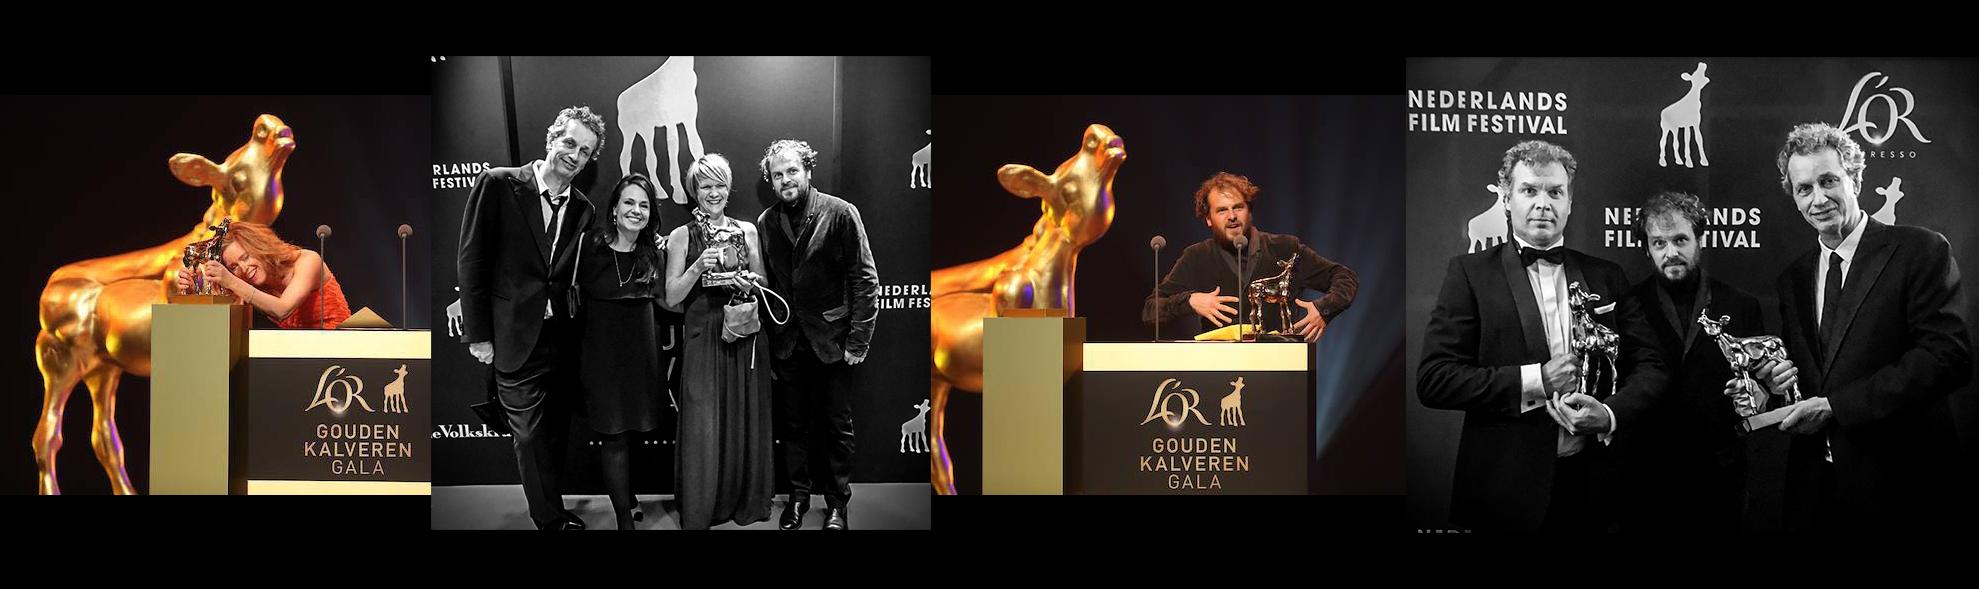 foto's (kleur): nederlands film festival/ramon mangold